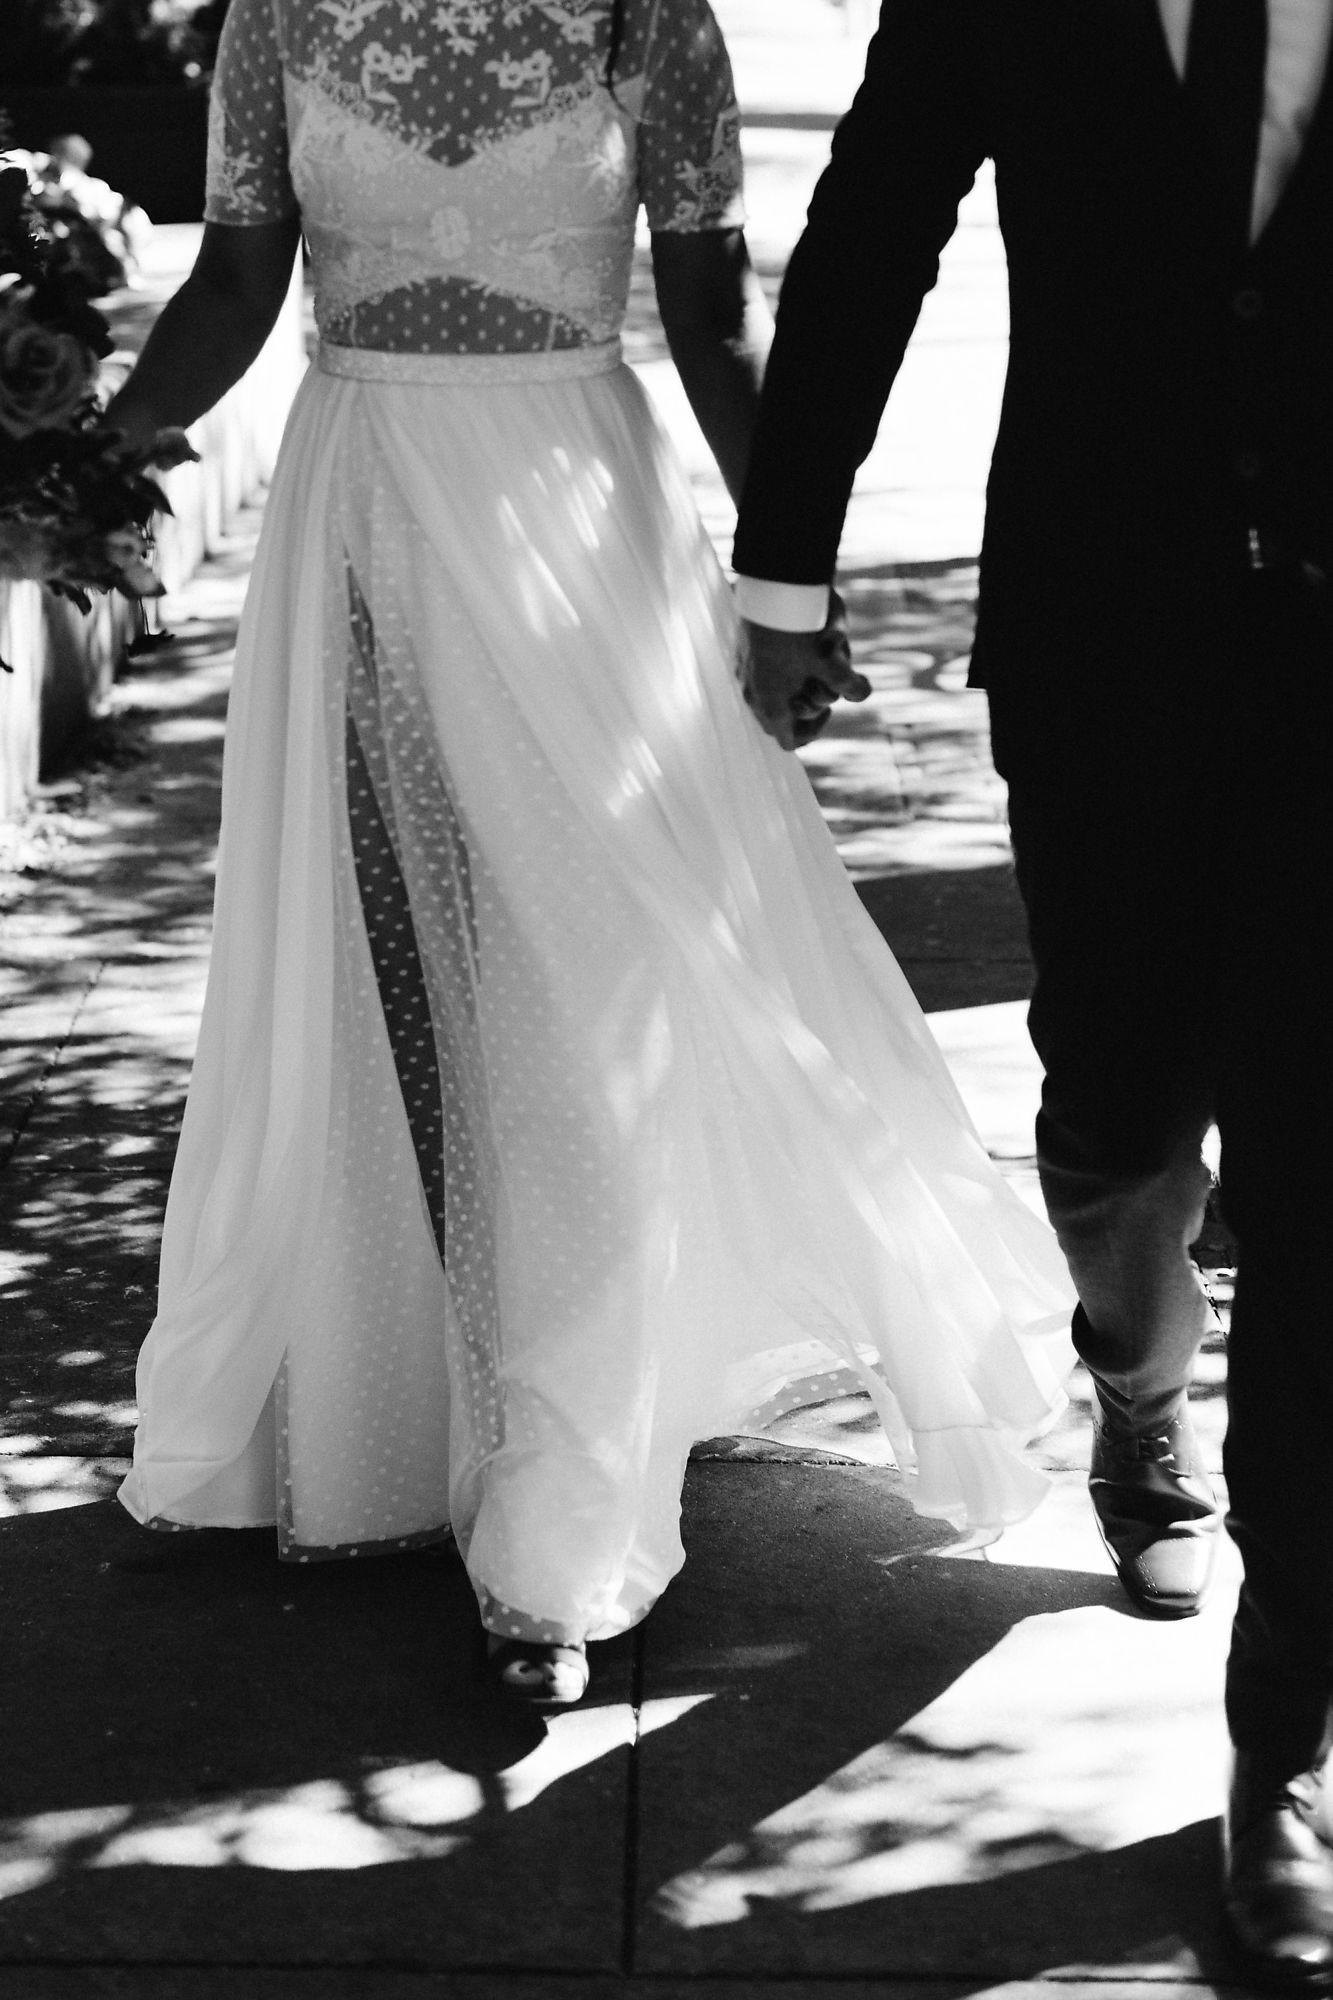 amber_cameron_malverde_wedding_photos124307.jpg